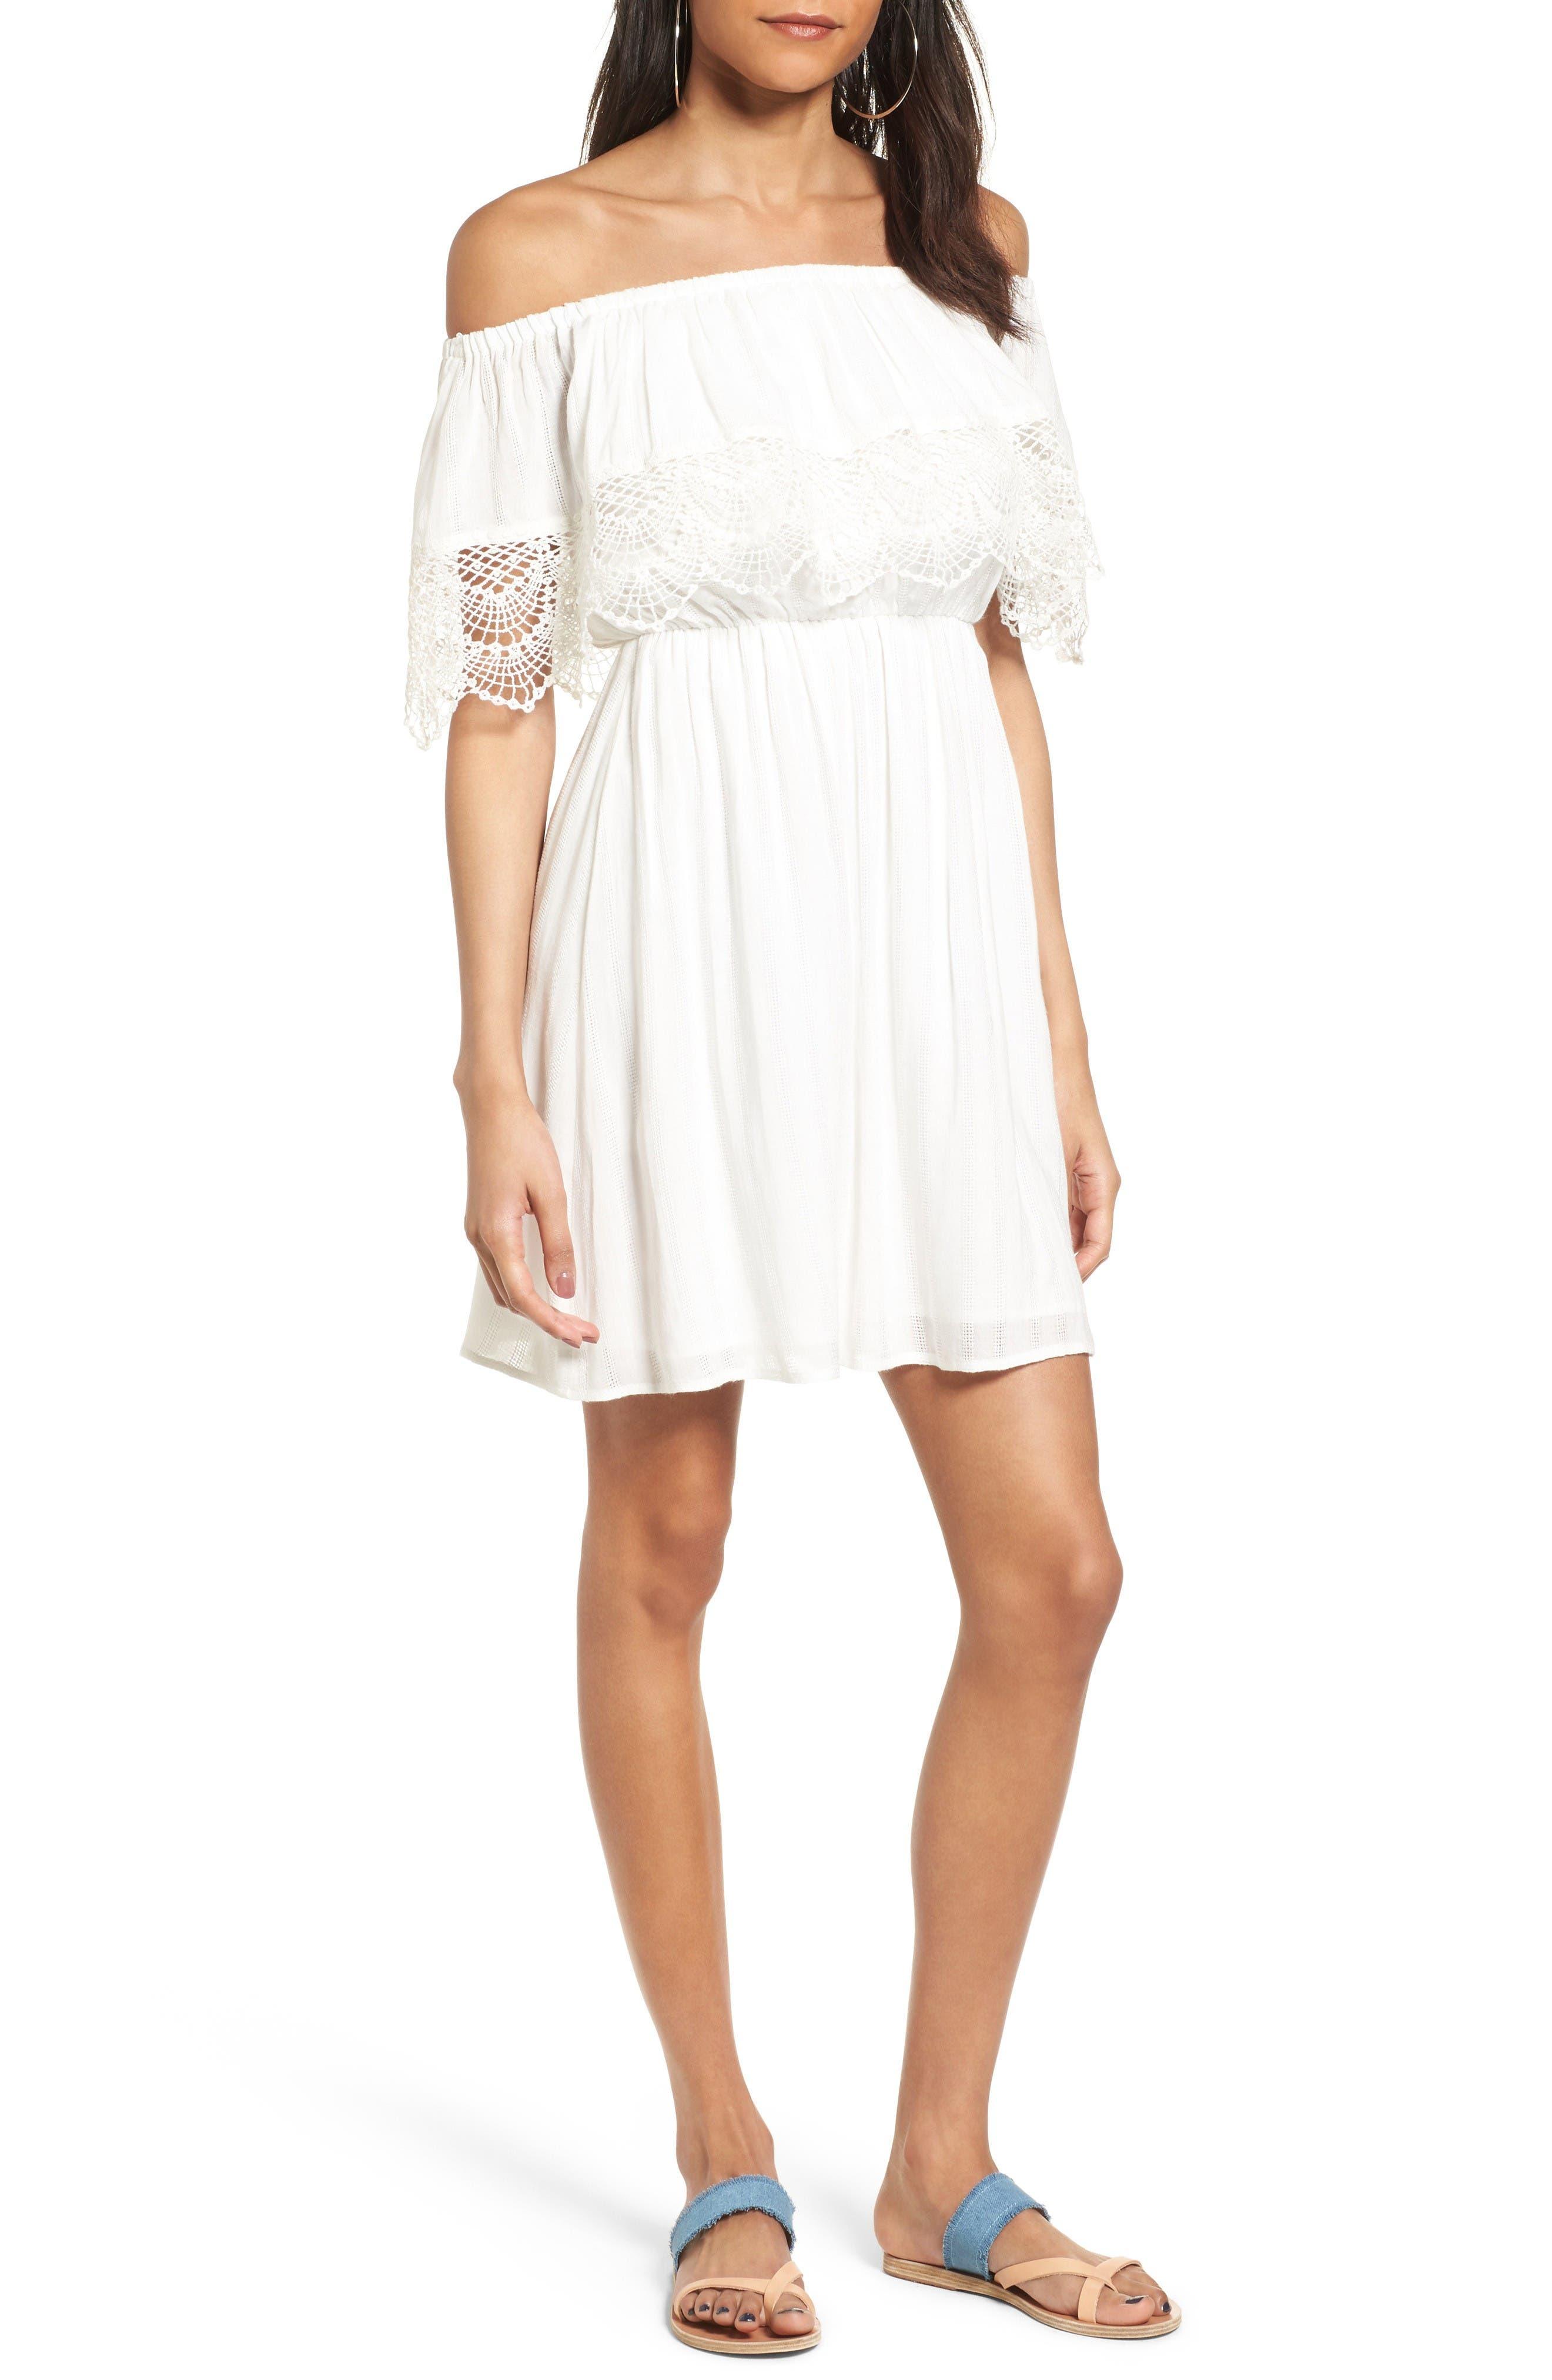 Alternate Image 1 Selected - Off the Shoulder Dress